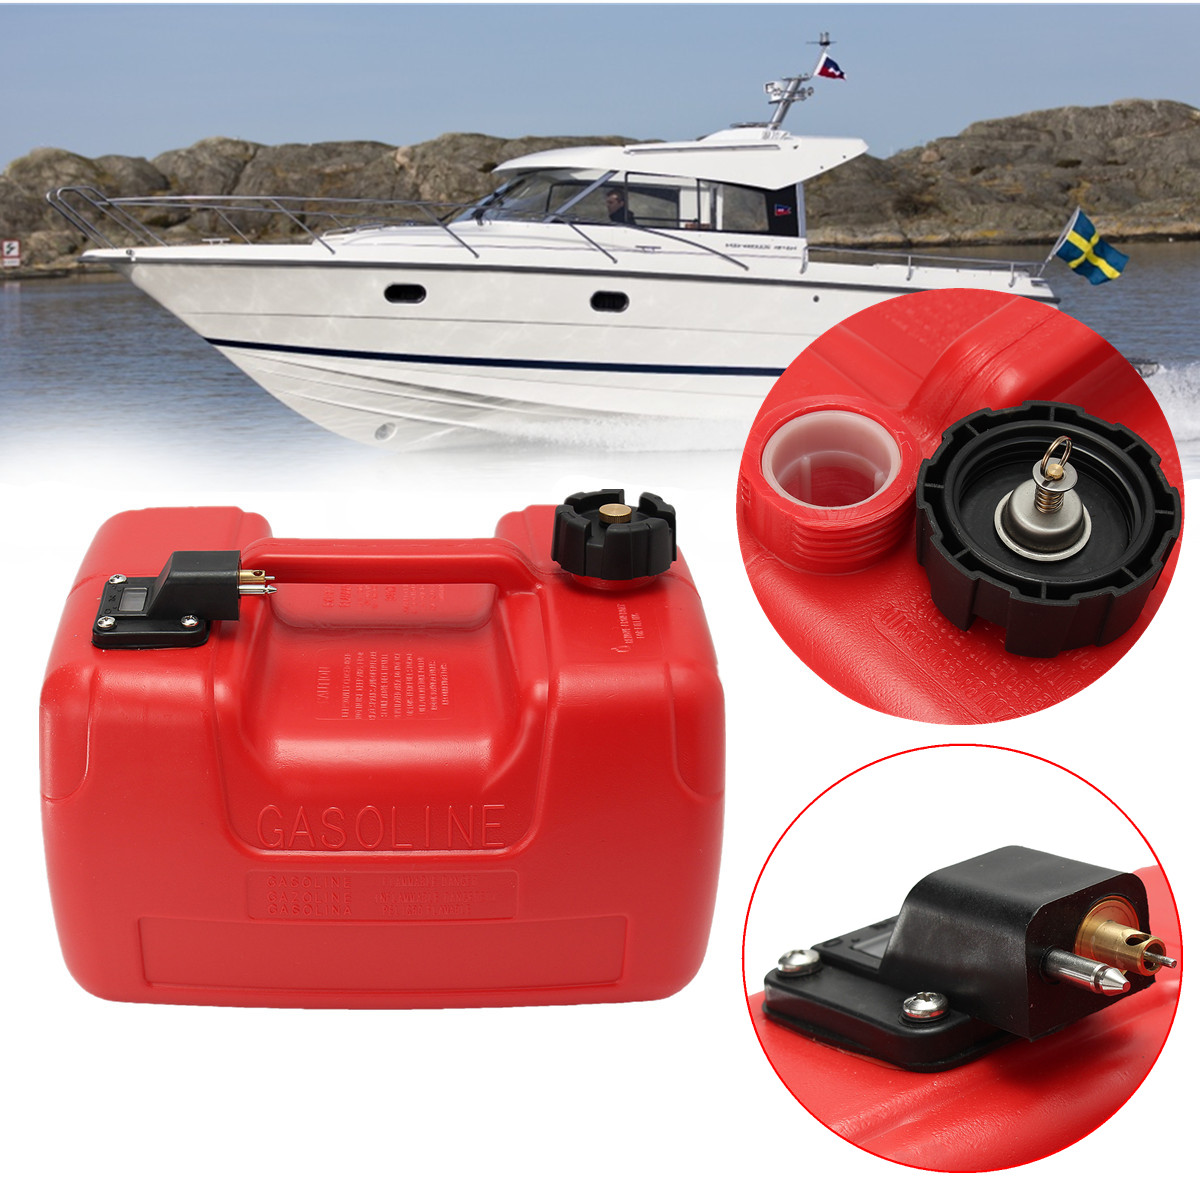 12L портативный яхты двигатели для автомобиля морской подвесной топливные баки мотоциклов коробка для эфирных масел с разъемом красный плас...